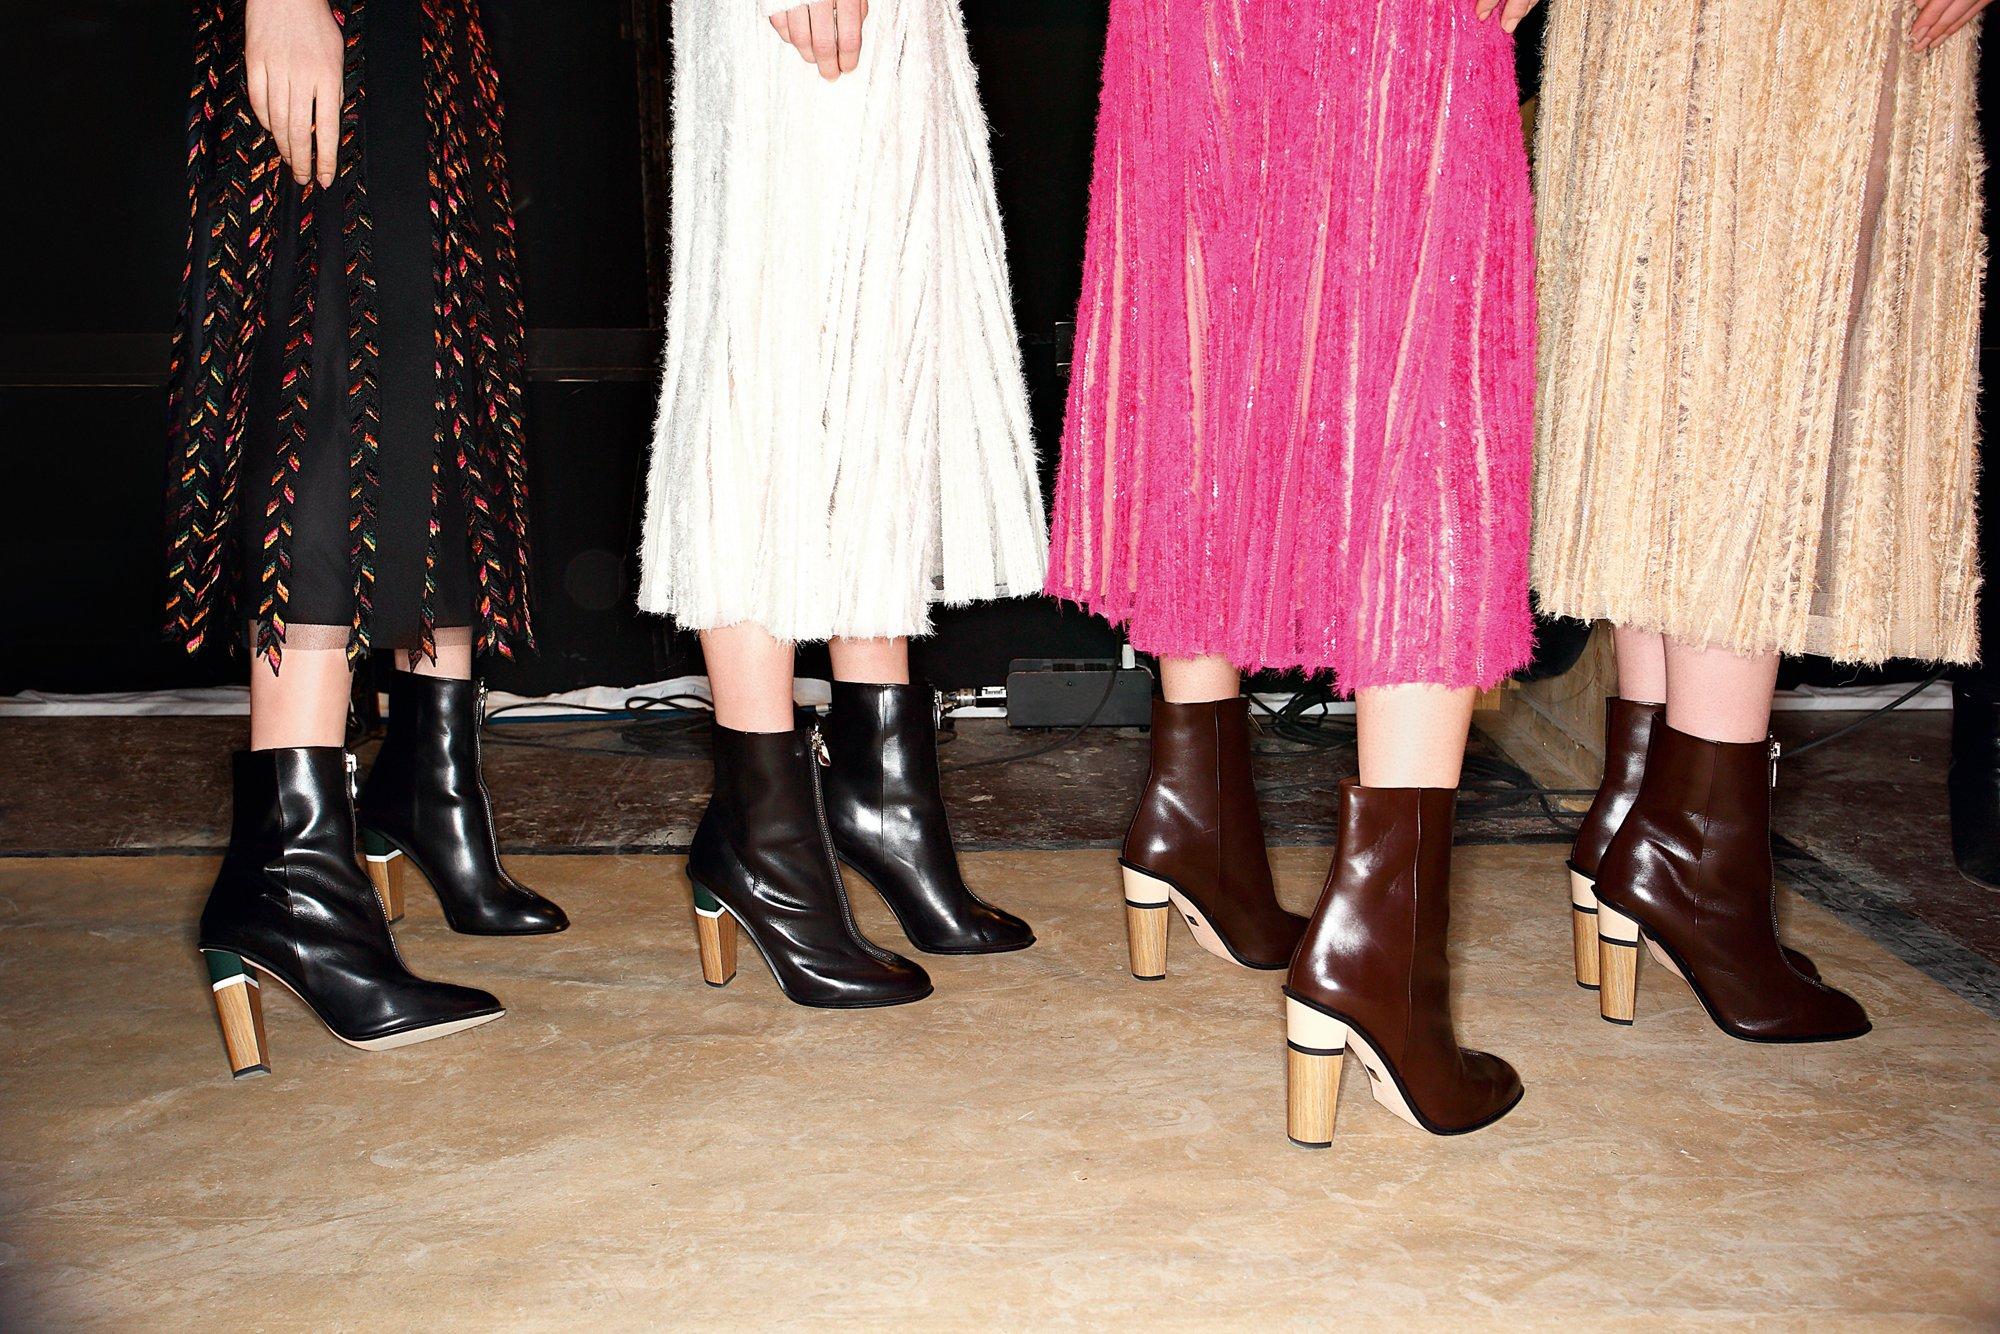 Jupes plissées noires, blanches, roses et beiges, bottes mi-hautes BOSS de couleur noire et marron